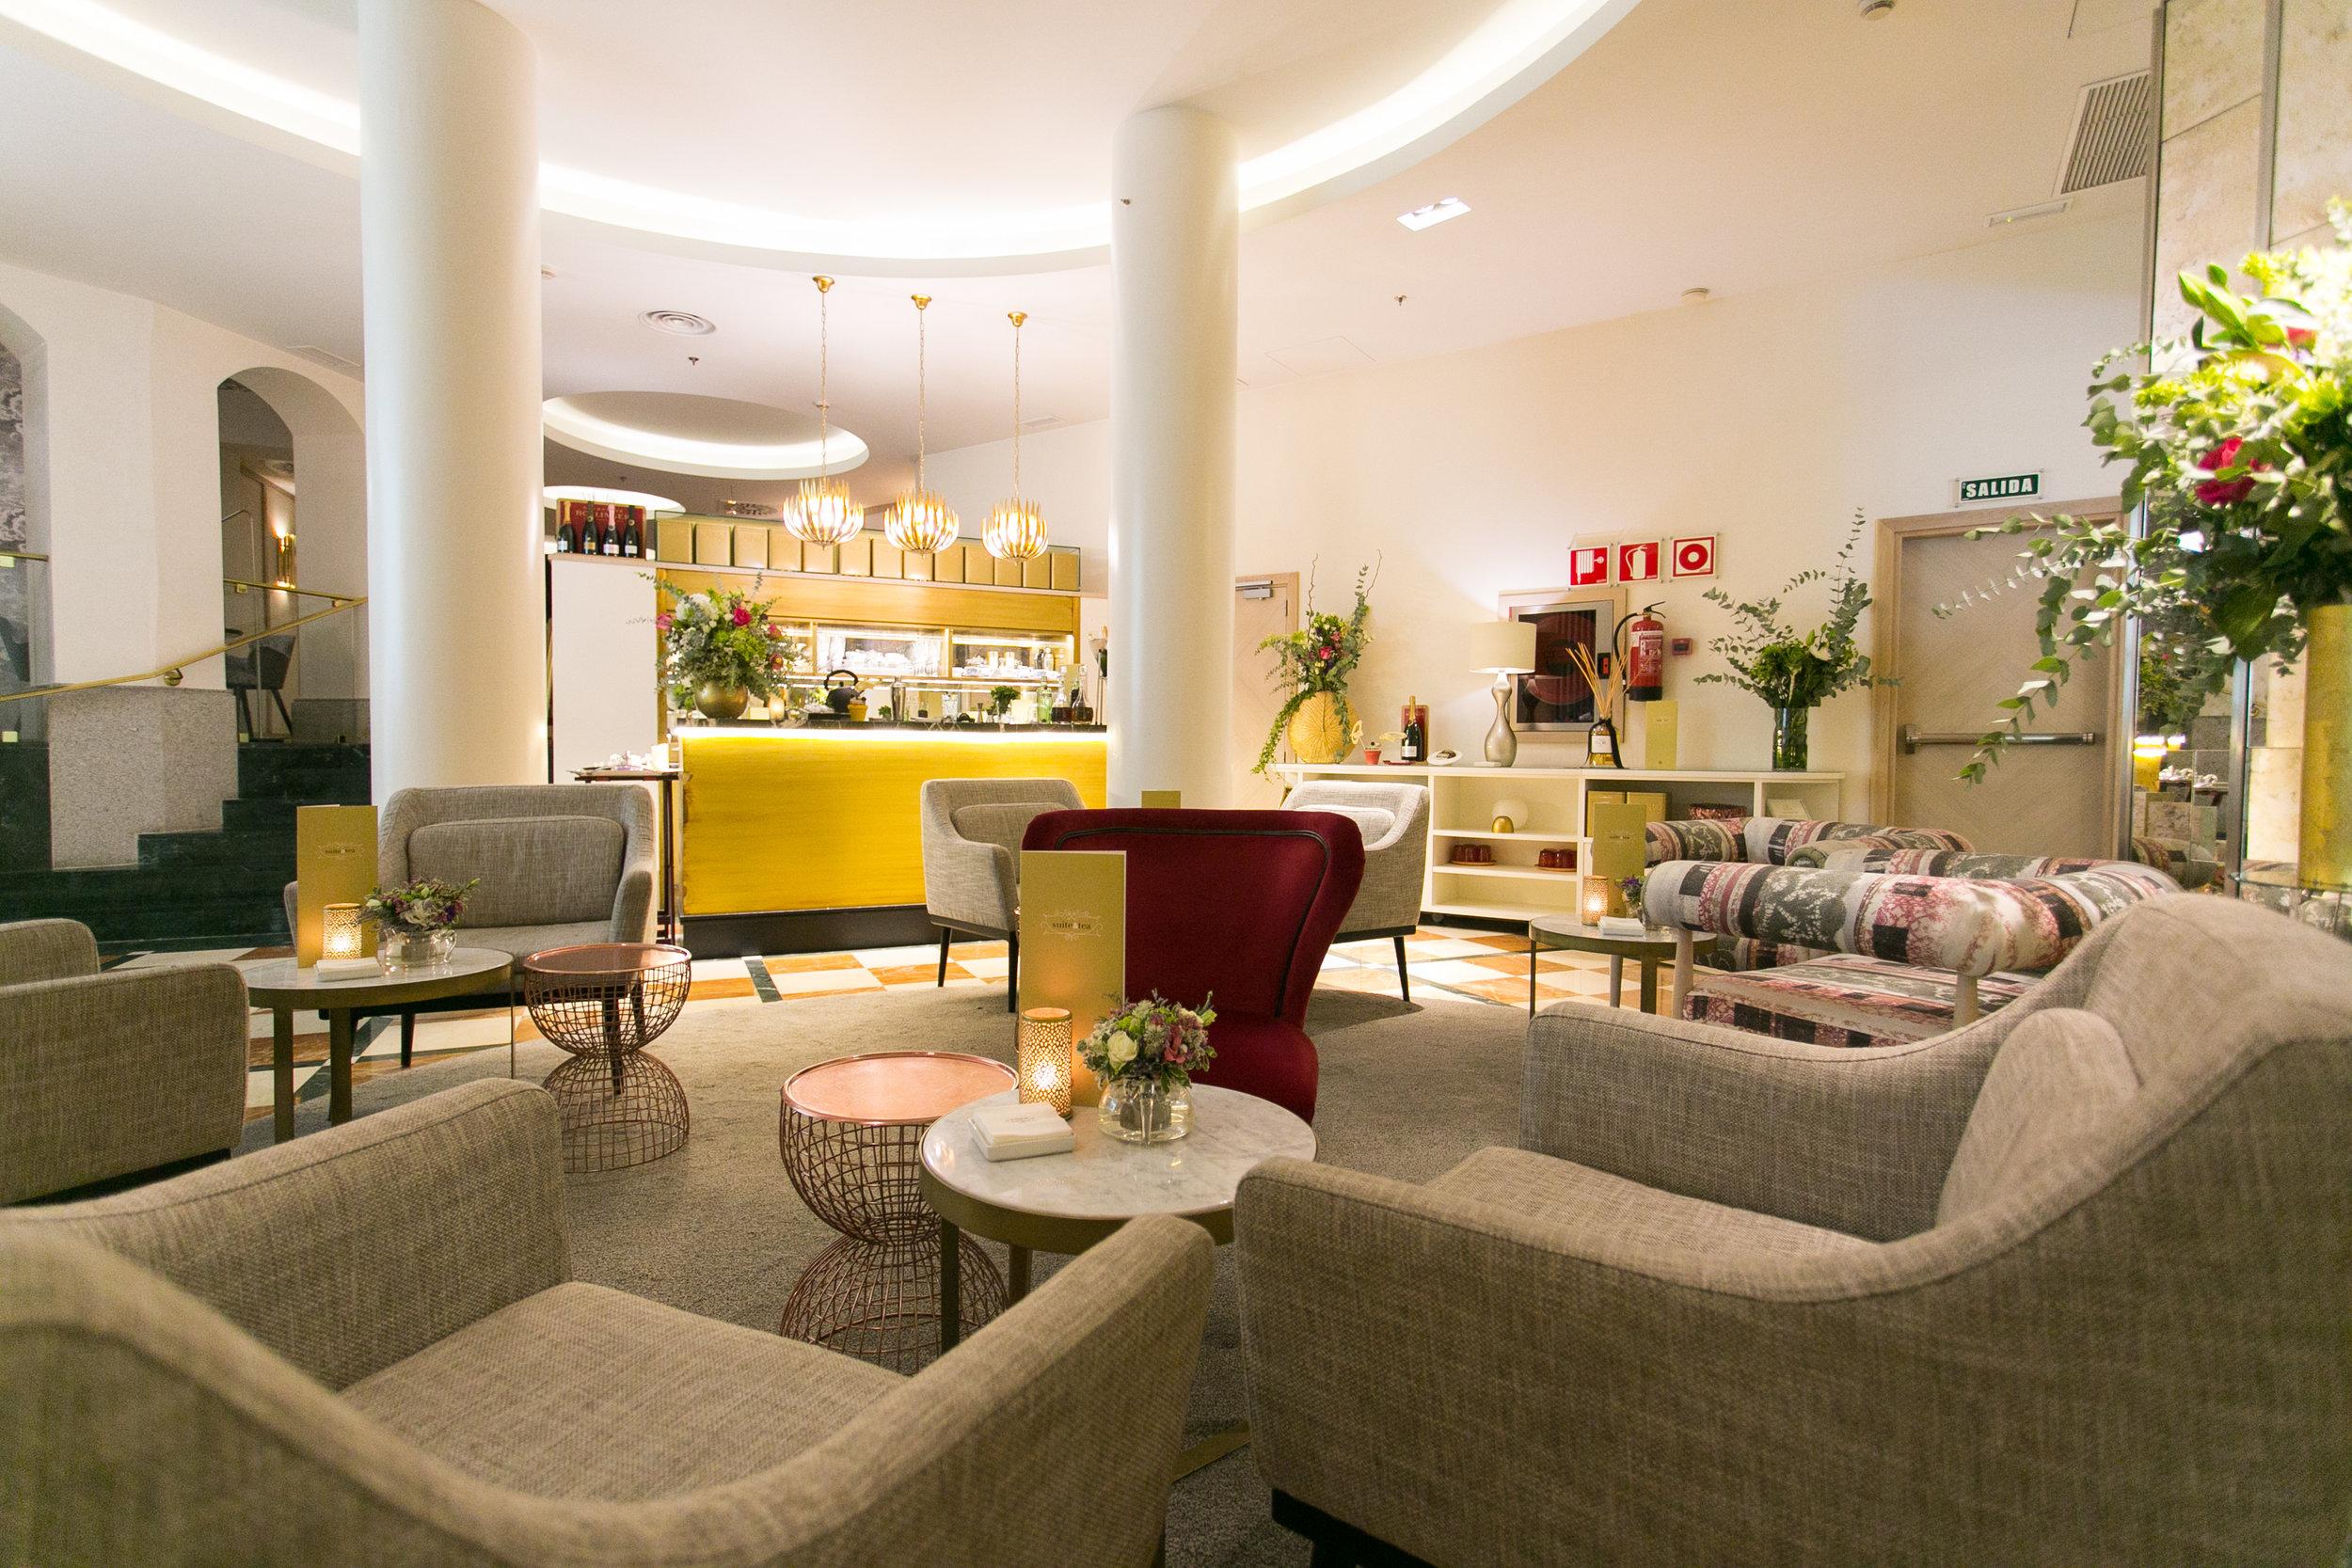 NH Collection Paseo del Prado - Suite&Tea.jpg